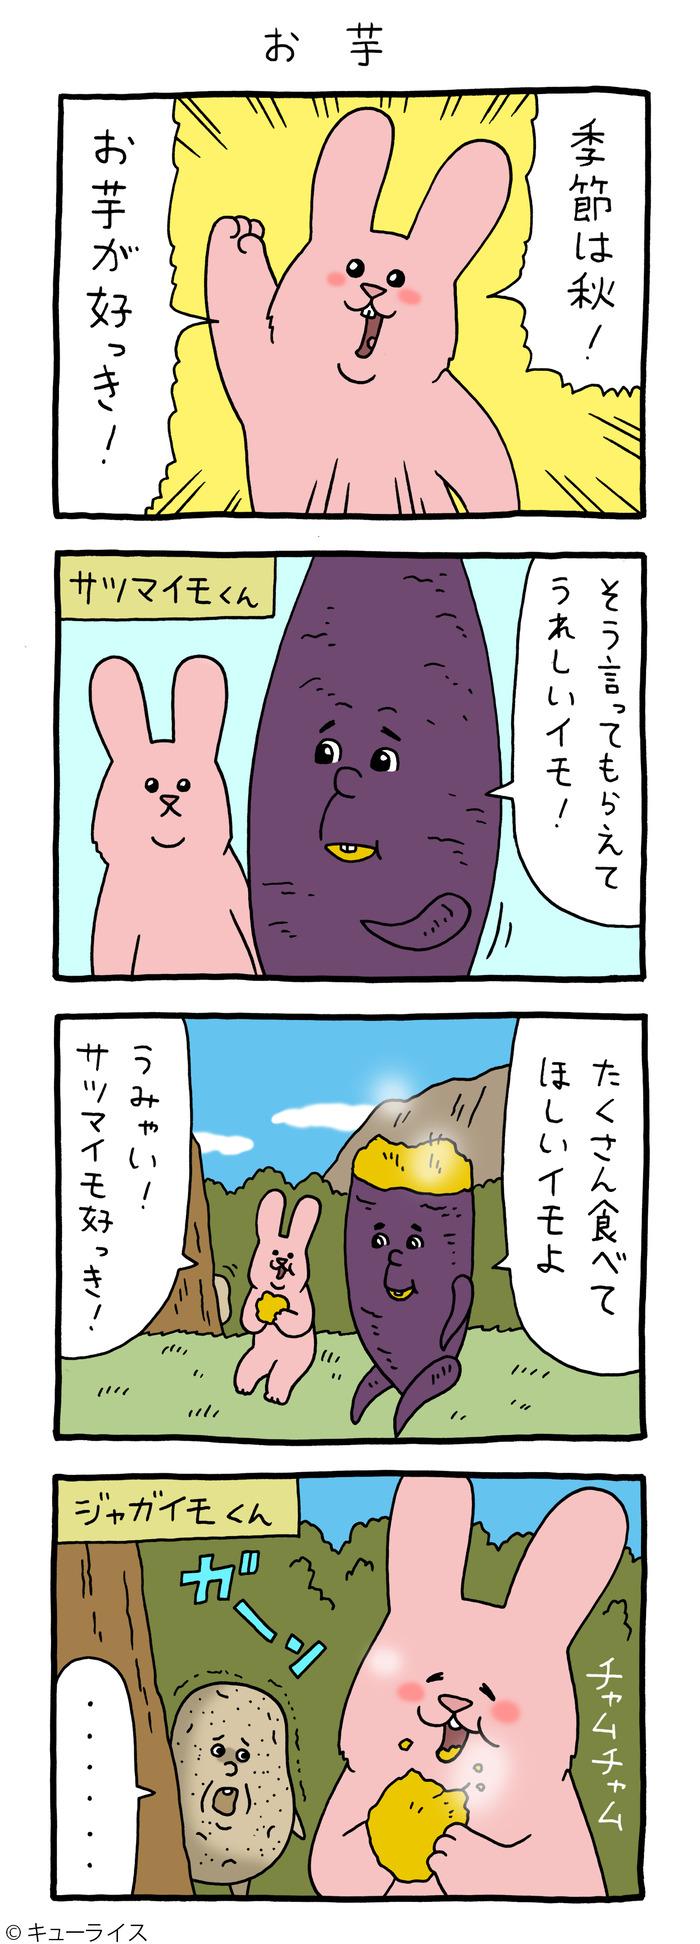 スキウサギ お芋1 のコピー